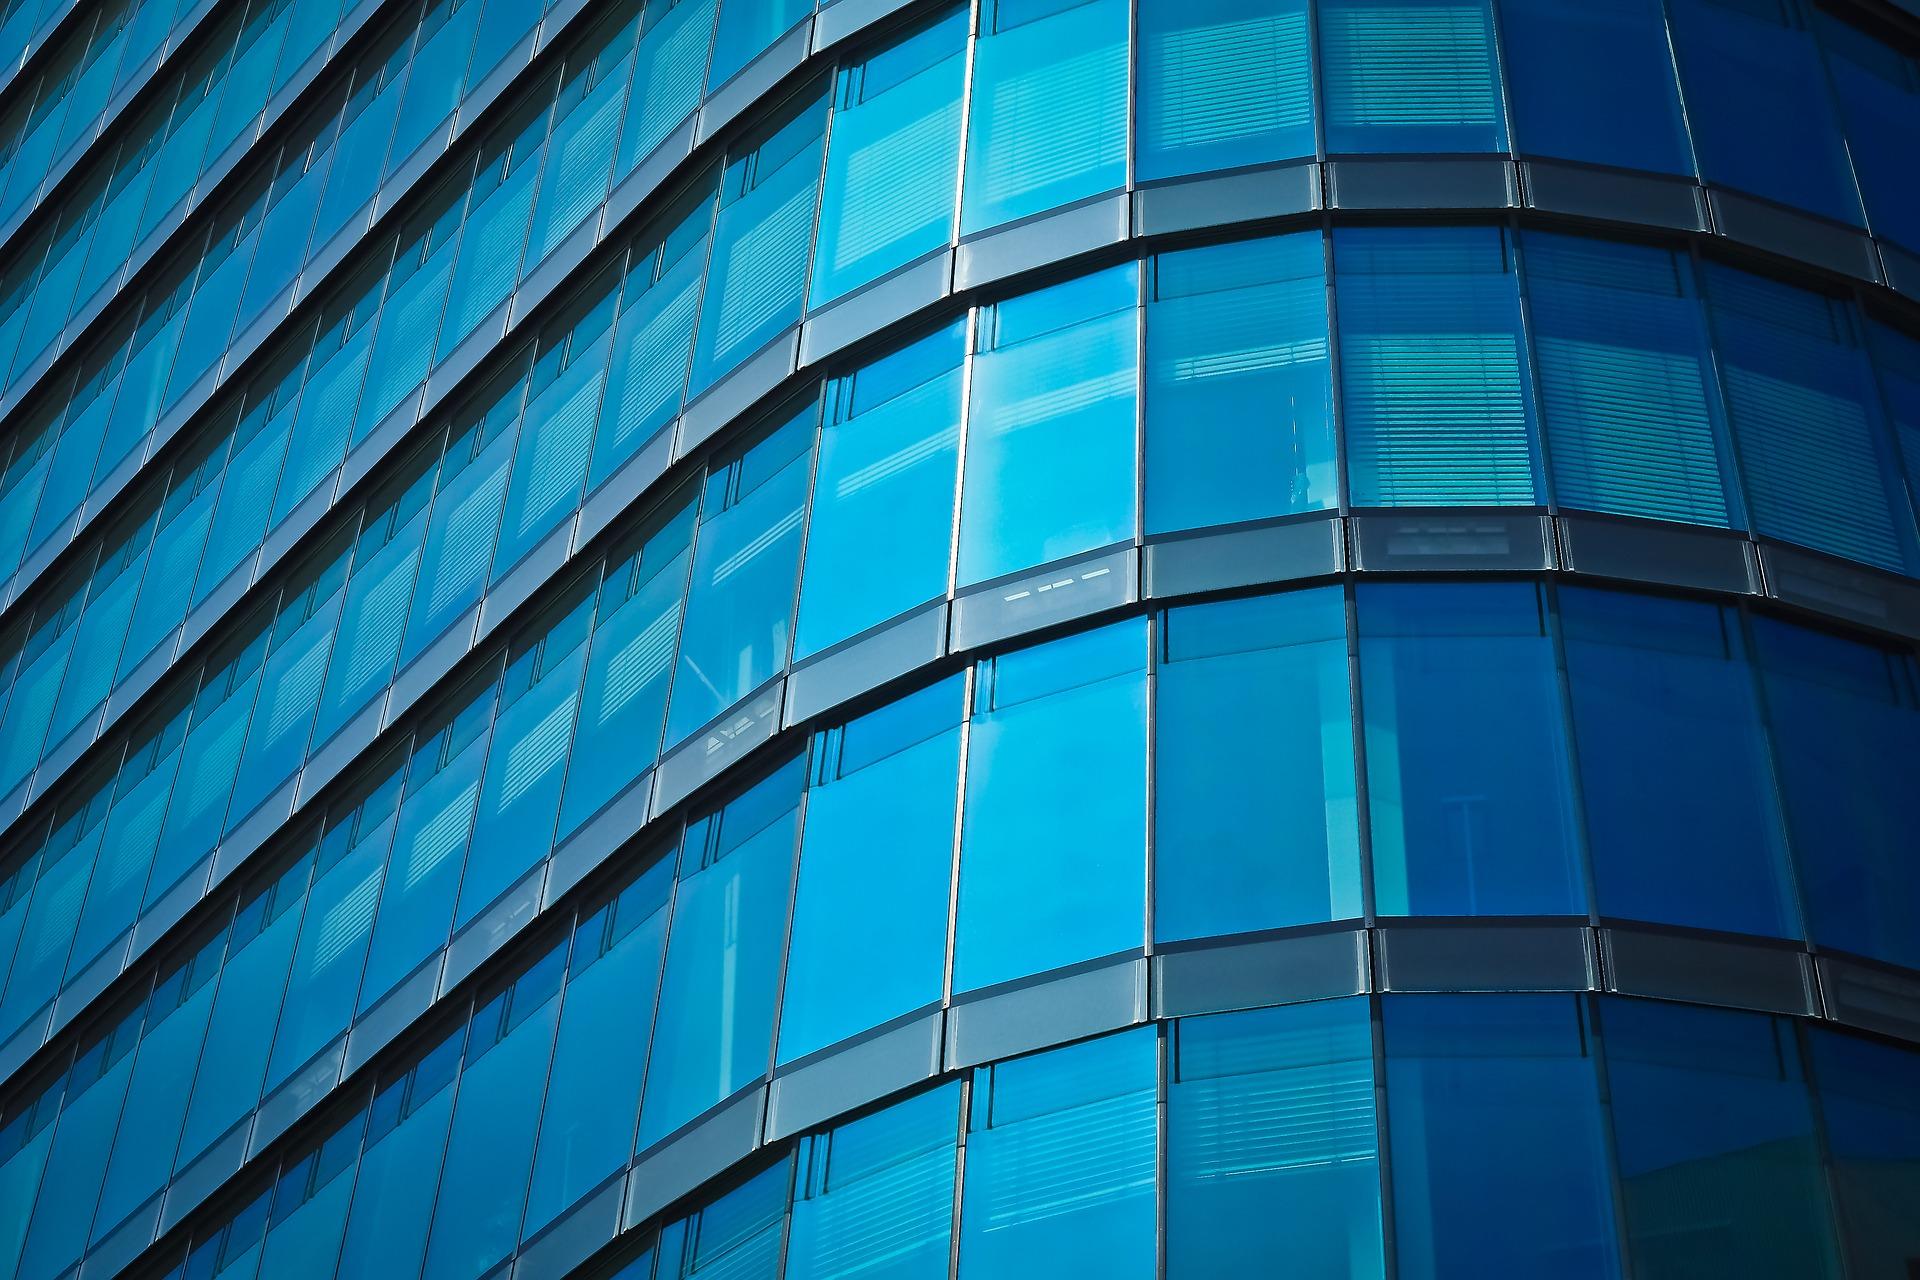 architecture-1549090_1920.jpg